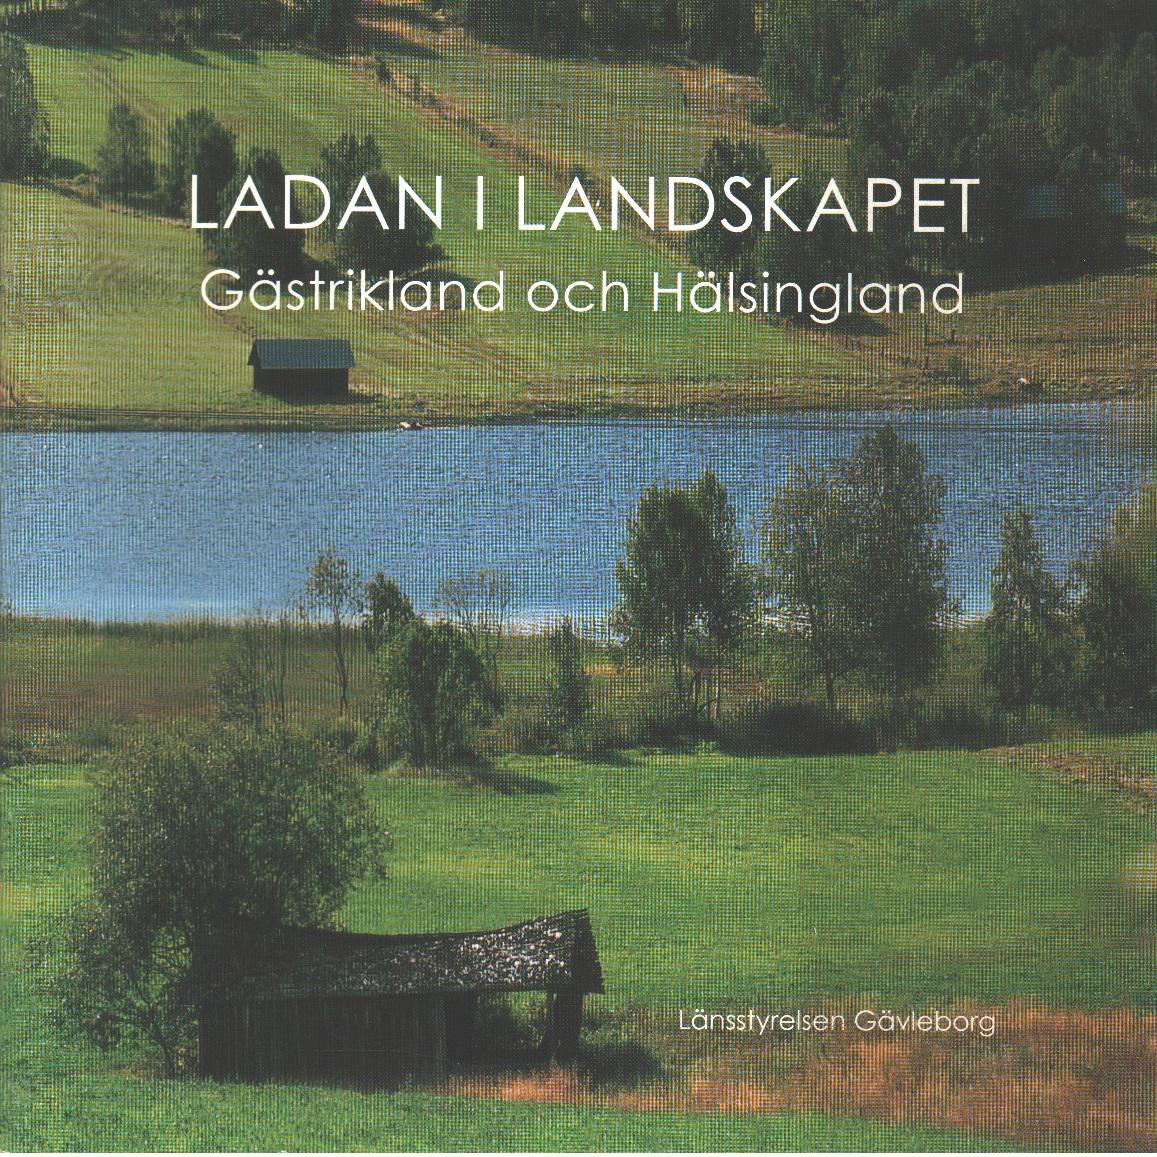 Ladan i landskapet : Gästrikland och Hälsingland - Gagge, Ann Christin